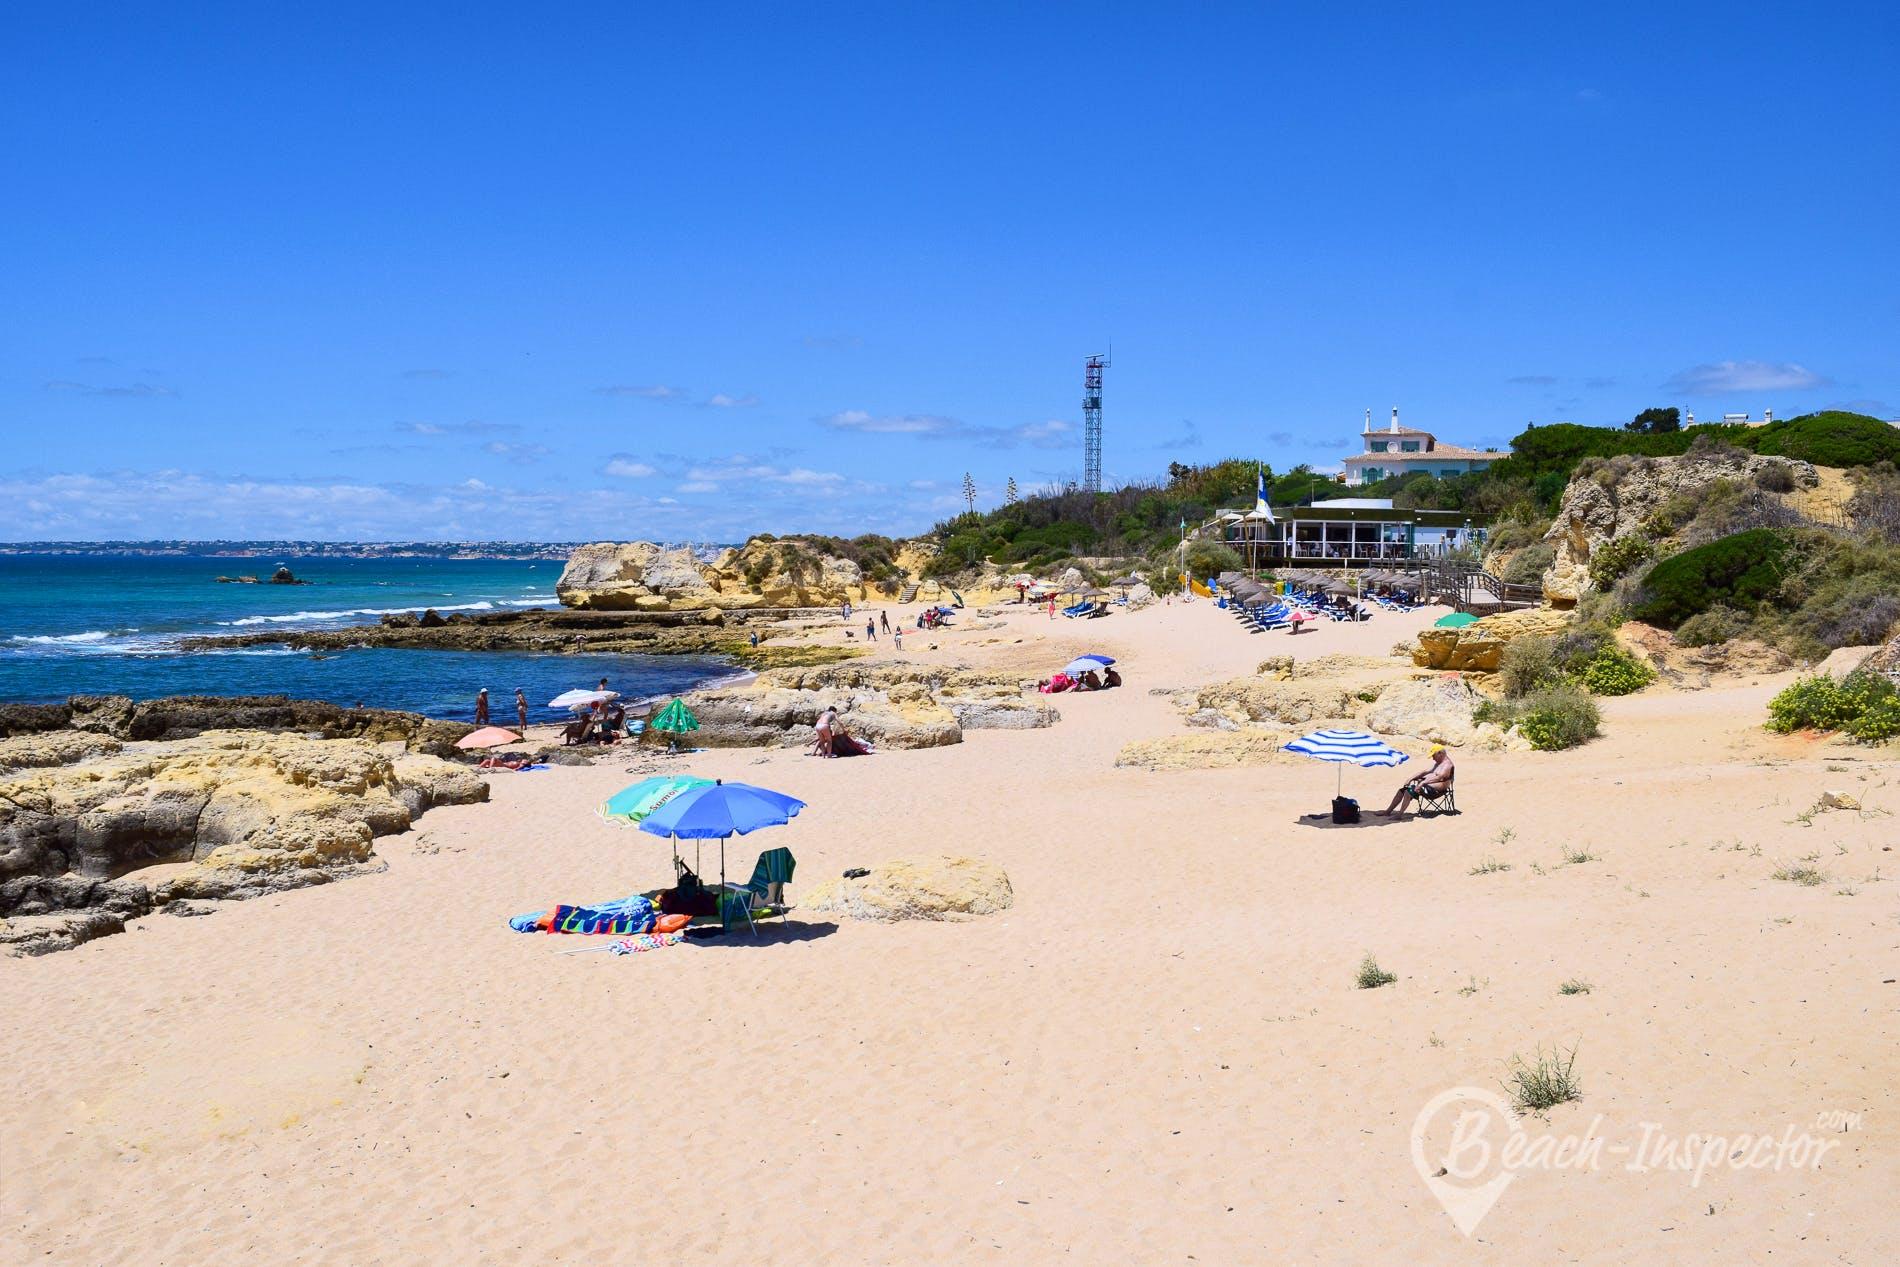 Beach Praia do Manuel Lourenço, Algarve, Portugal